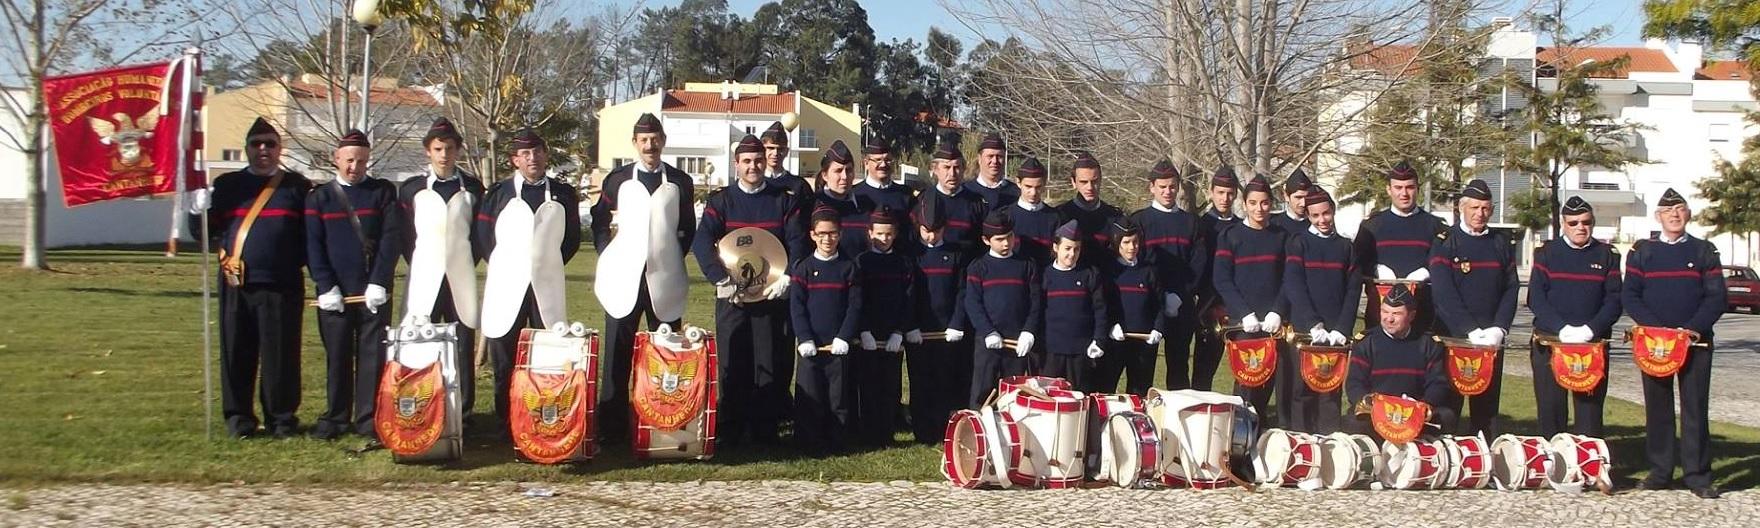 Fanfarra de Cantanhede comemora 50 anos com Encontro de Fanfarras